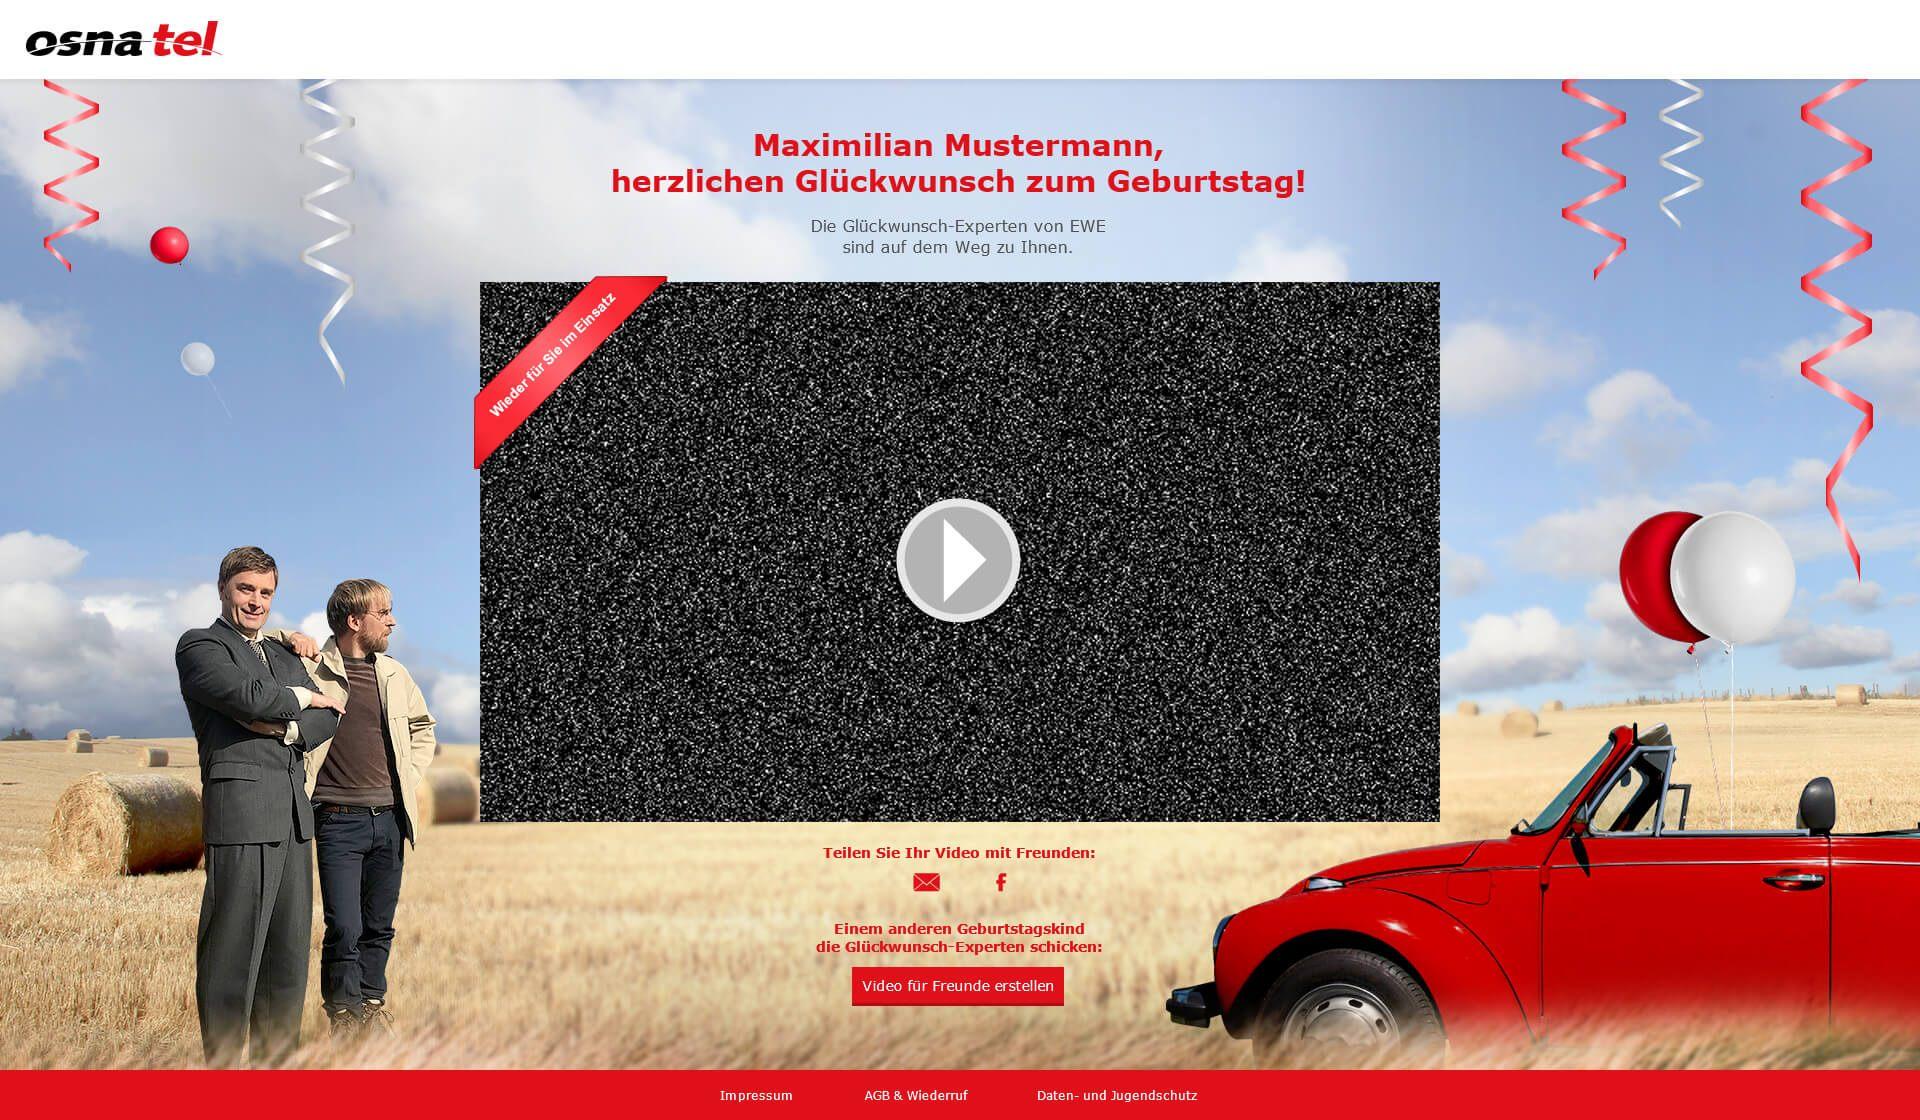 osnatel-geburtstagsvideo-2018-website-desktop-1